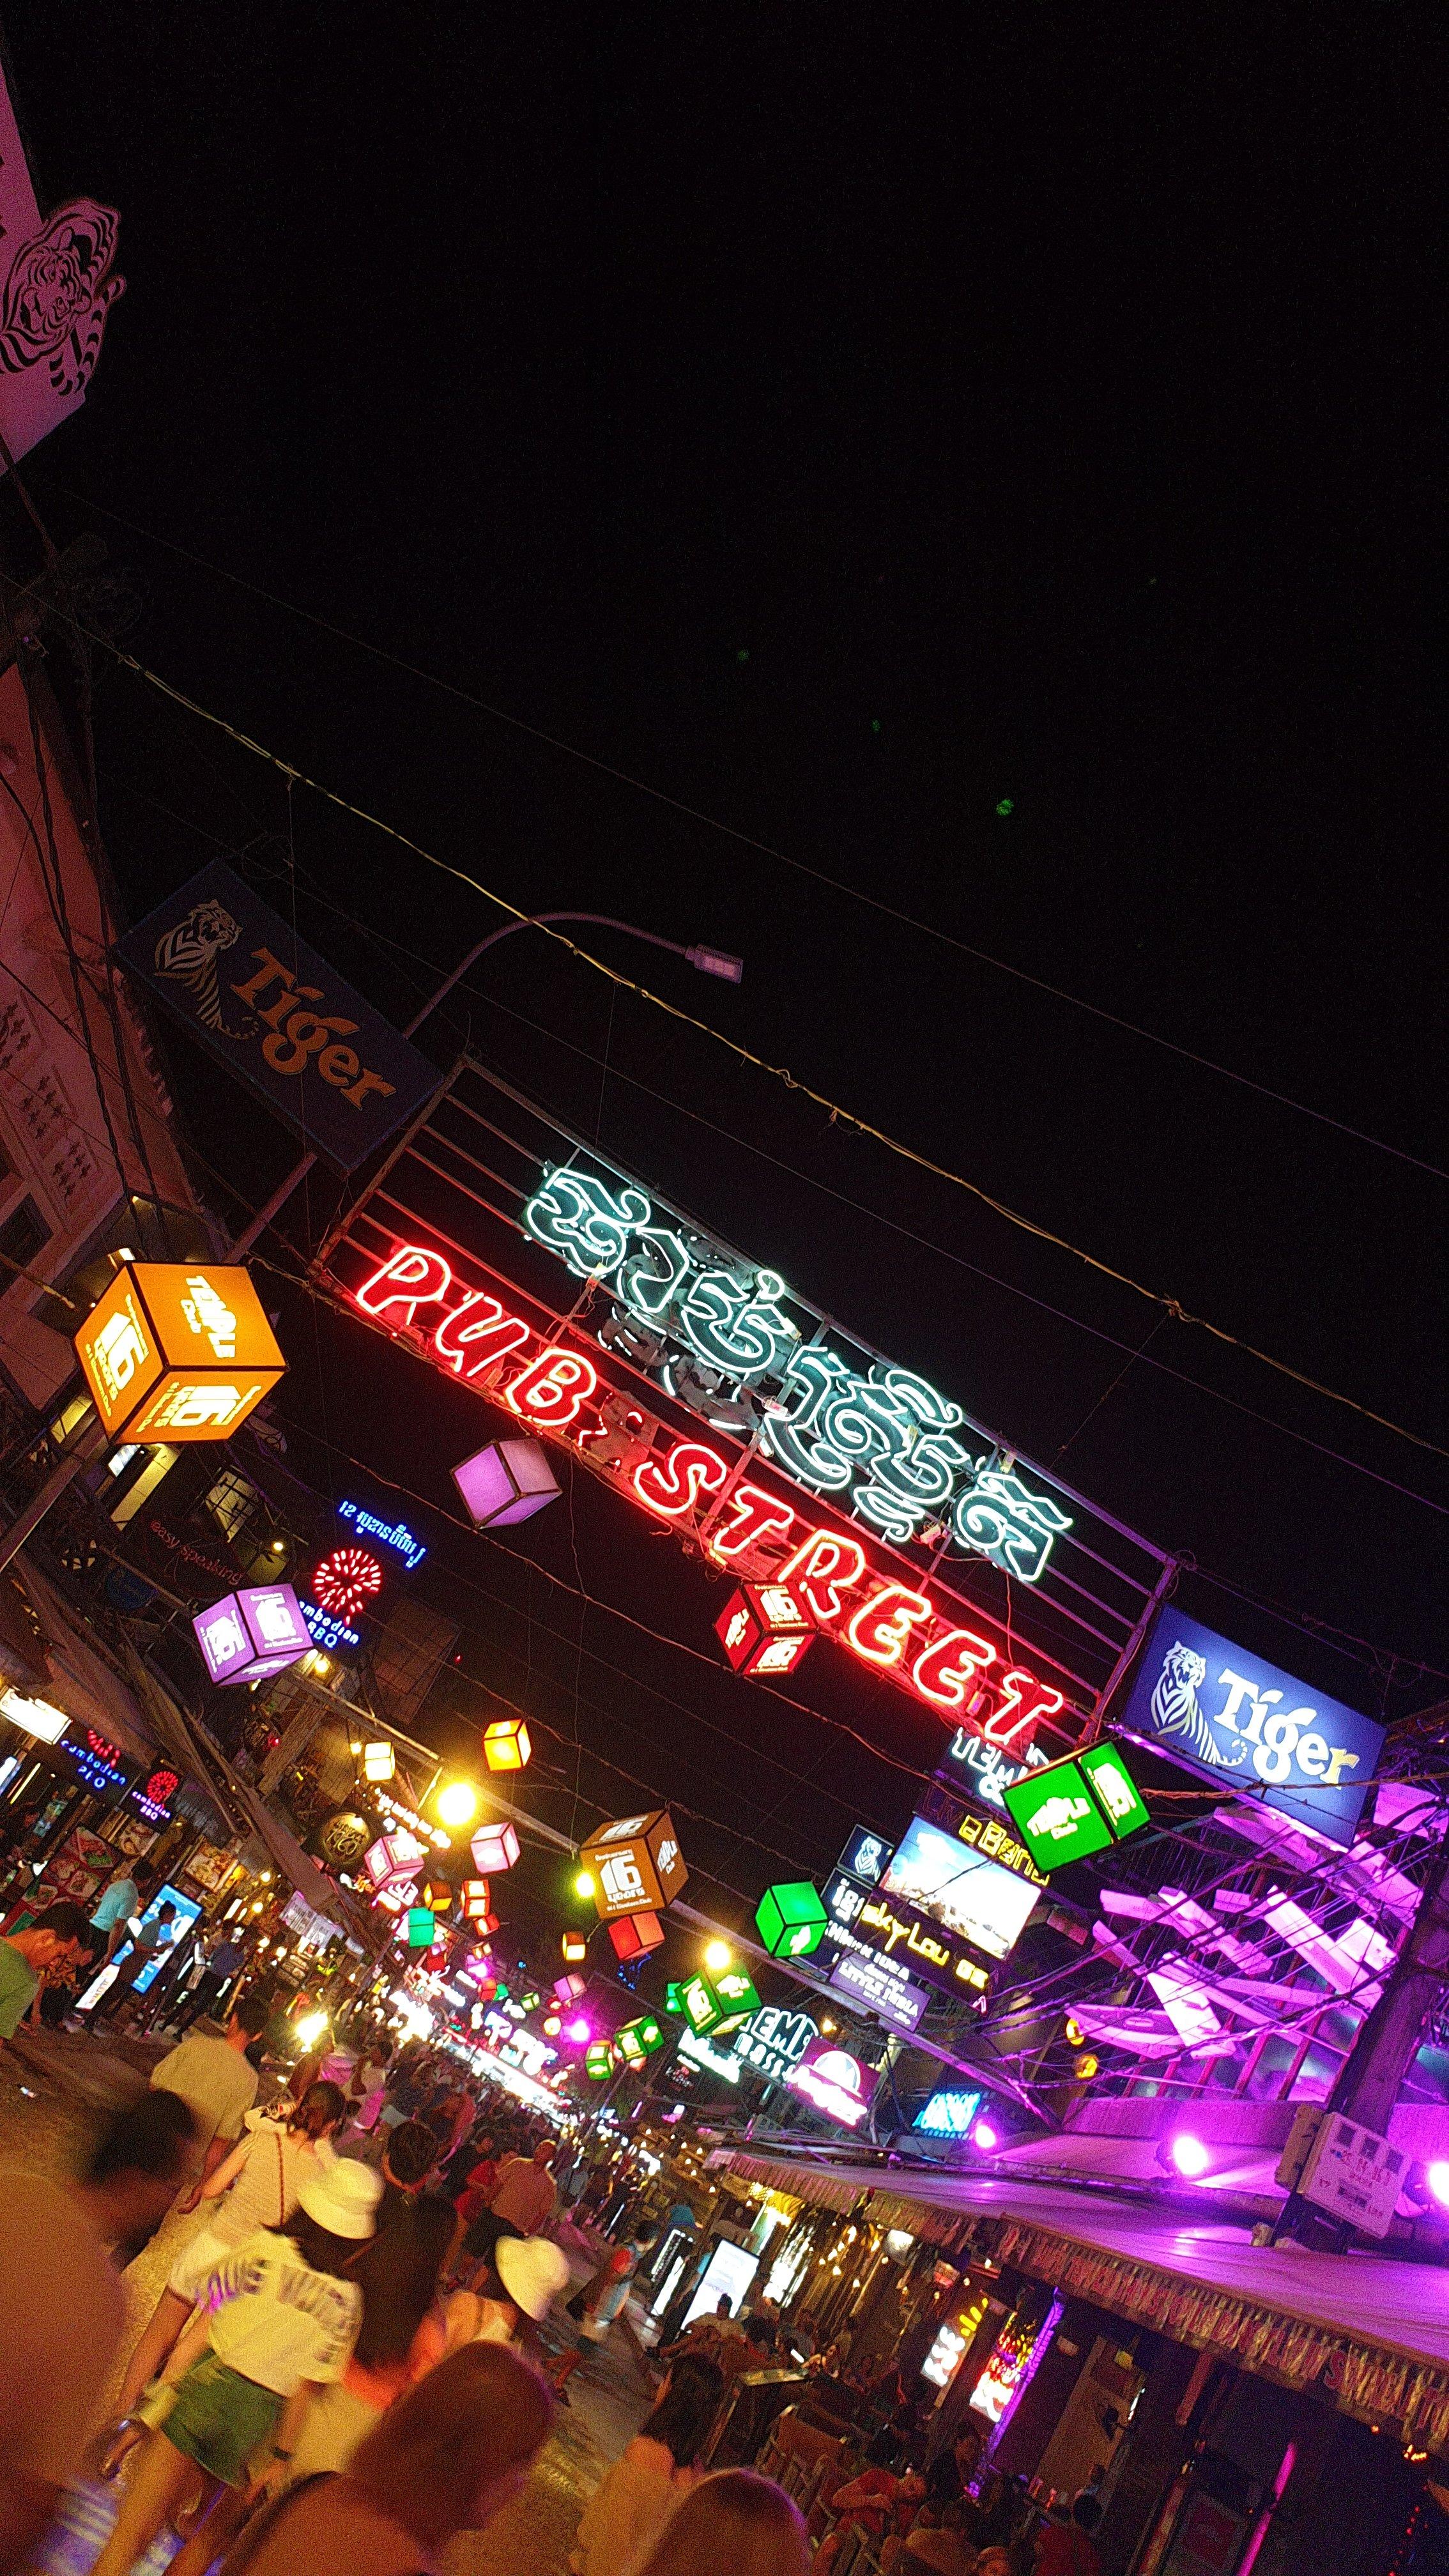 Pub Street in Siem Reap at night